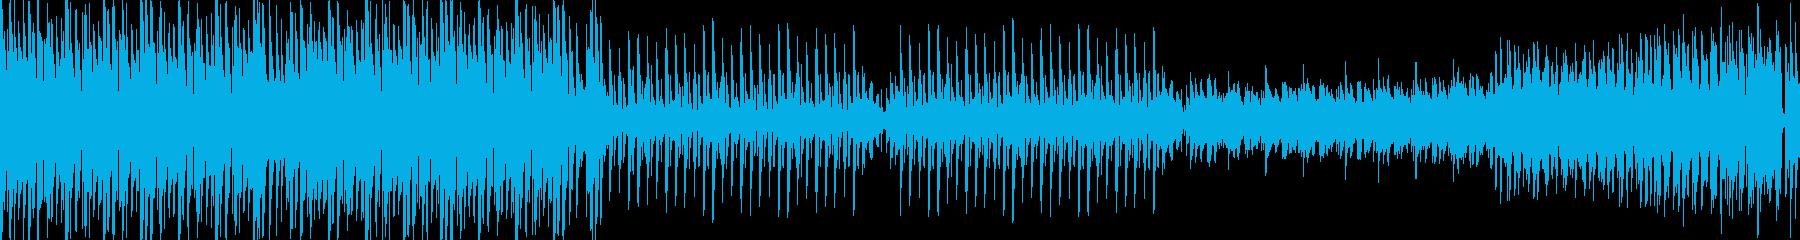 和風・EDM・爽やか・明るいの再生済みの波形